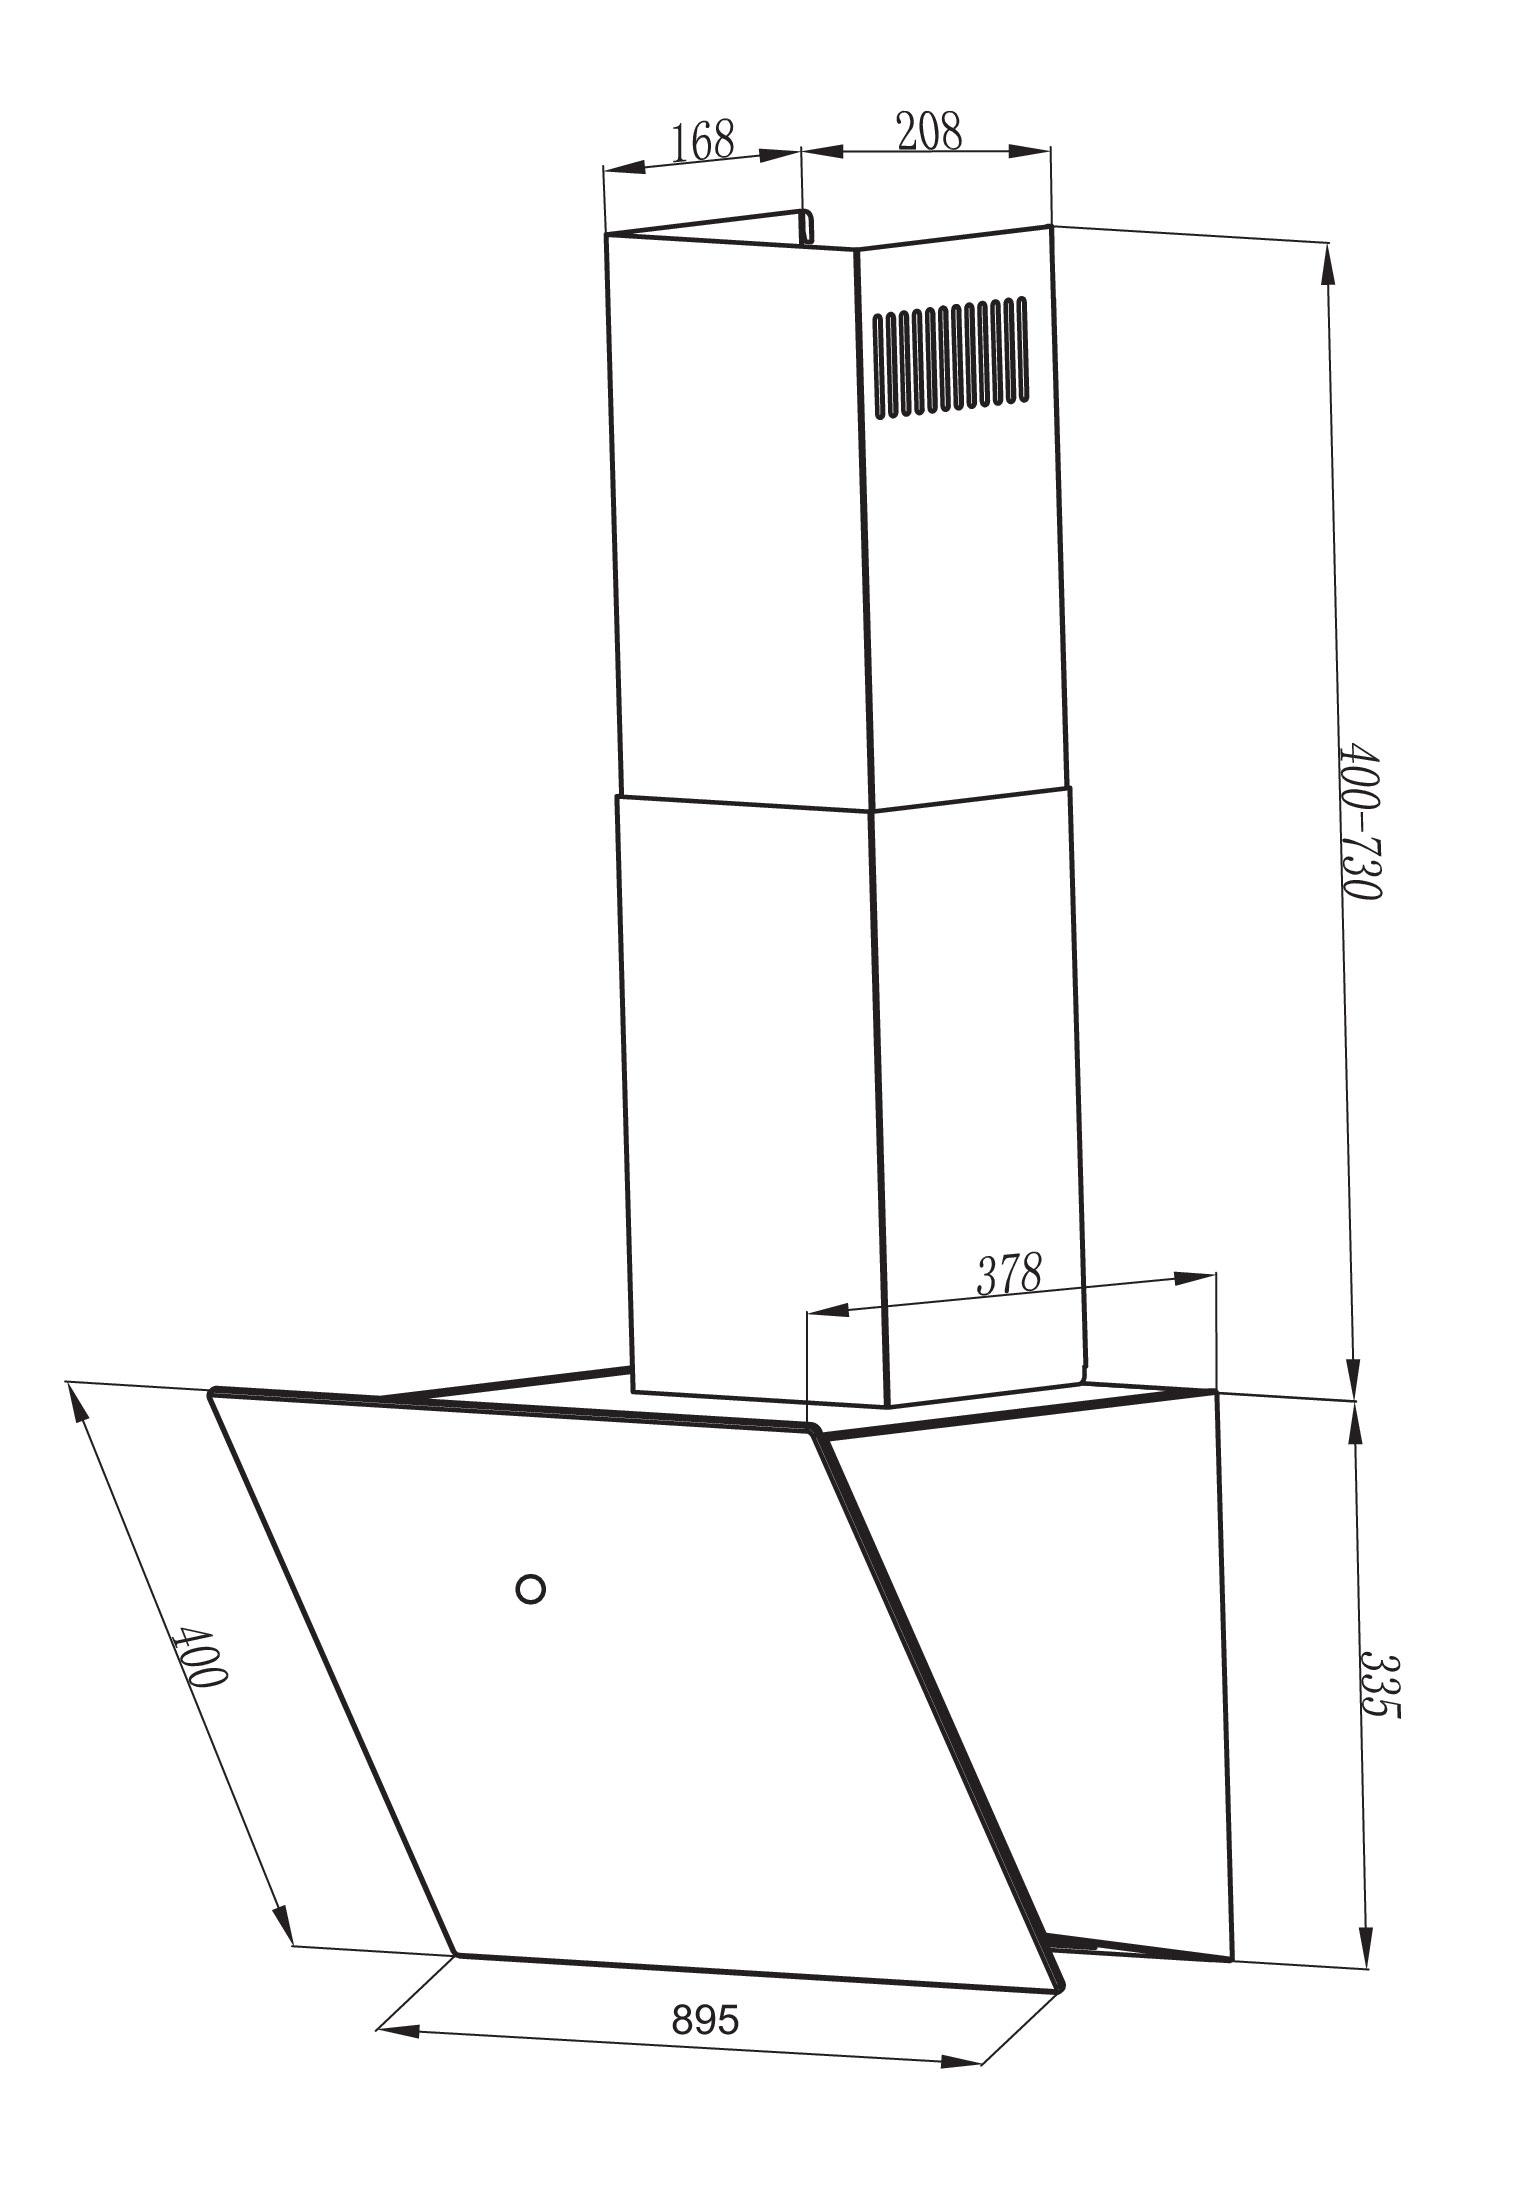 Dunstabzugshaube / Schräghaube Respekta CH 88090 WA+ 90cm weiß Bild 3